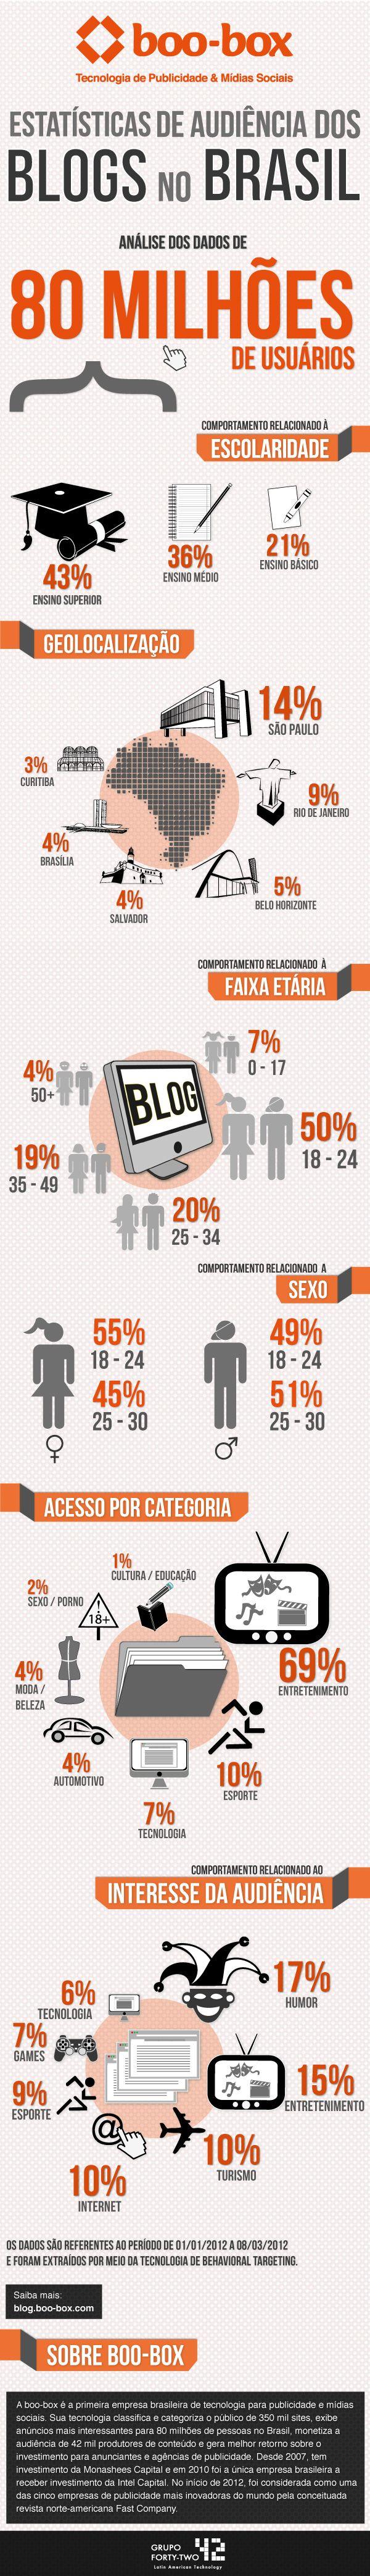 Audiência dos Blogs no Brasil [infografico]